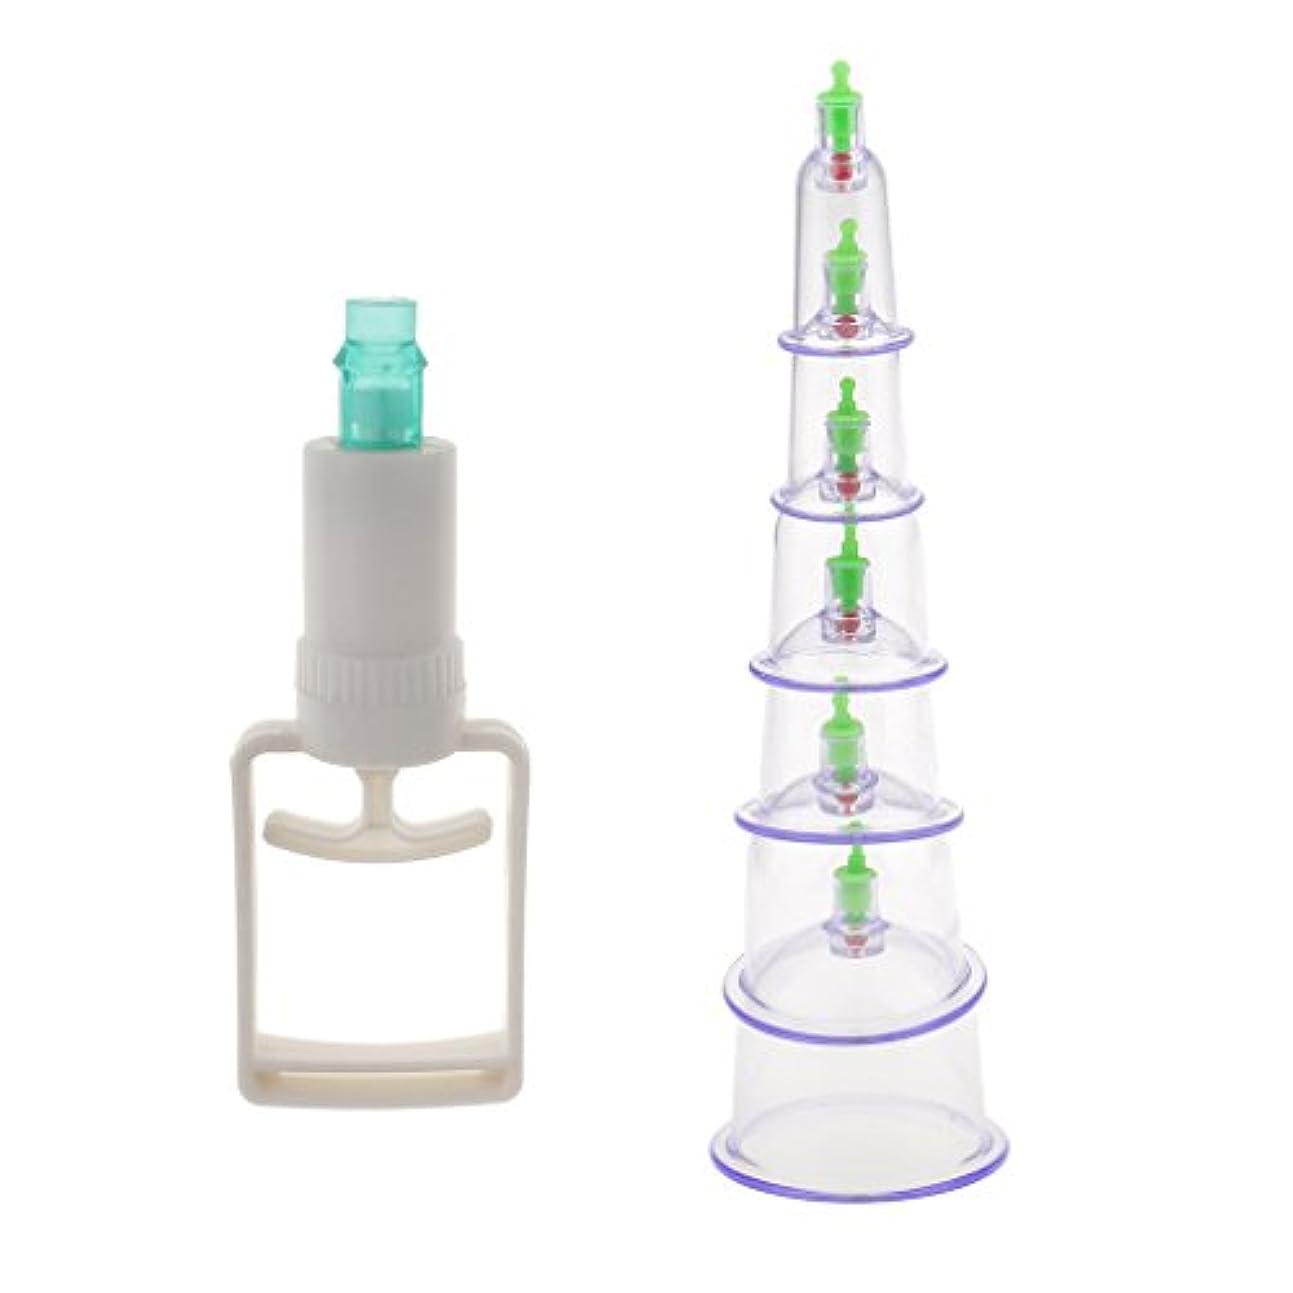 前投薬一過性ステレオタイプ6個入り 真空ポンプ 吸引 カッピング マッサージ 血液循環 組織再生 セラピーセット 漢方